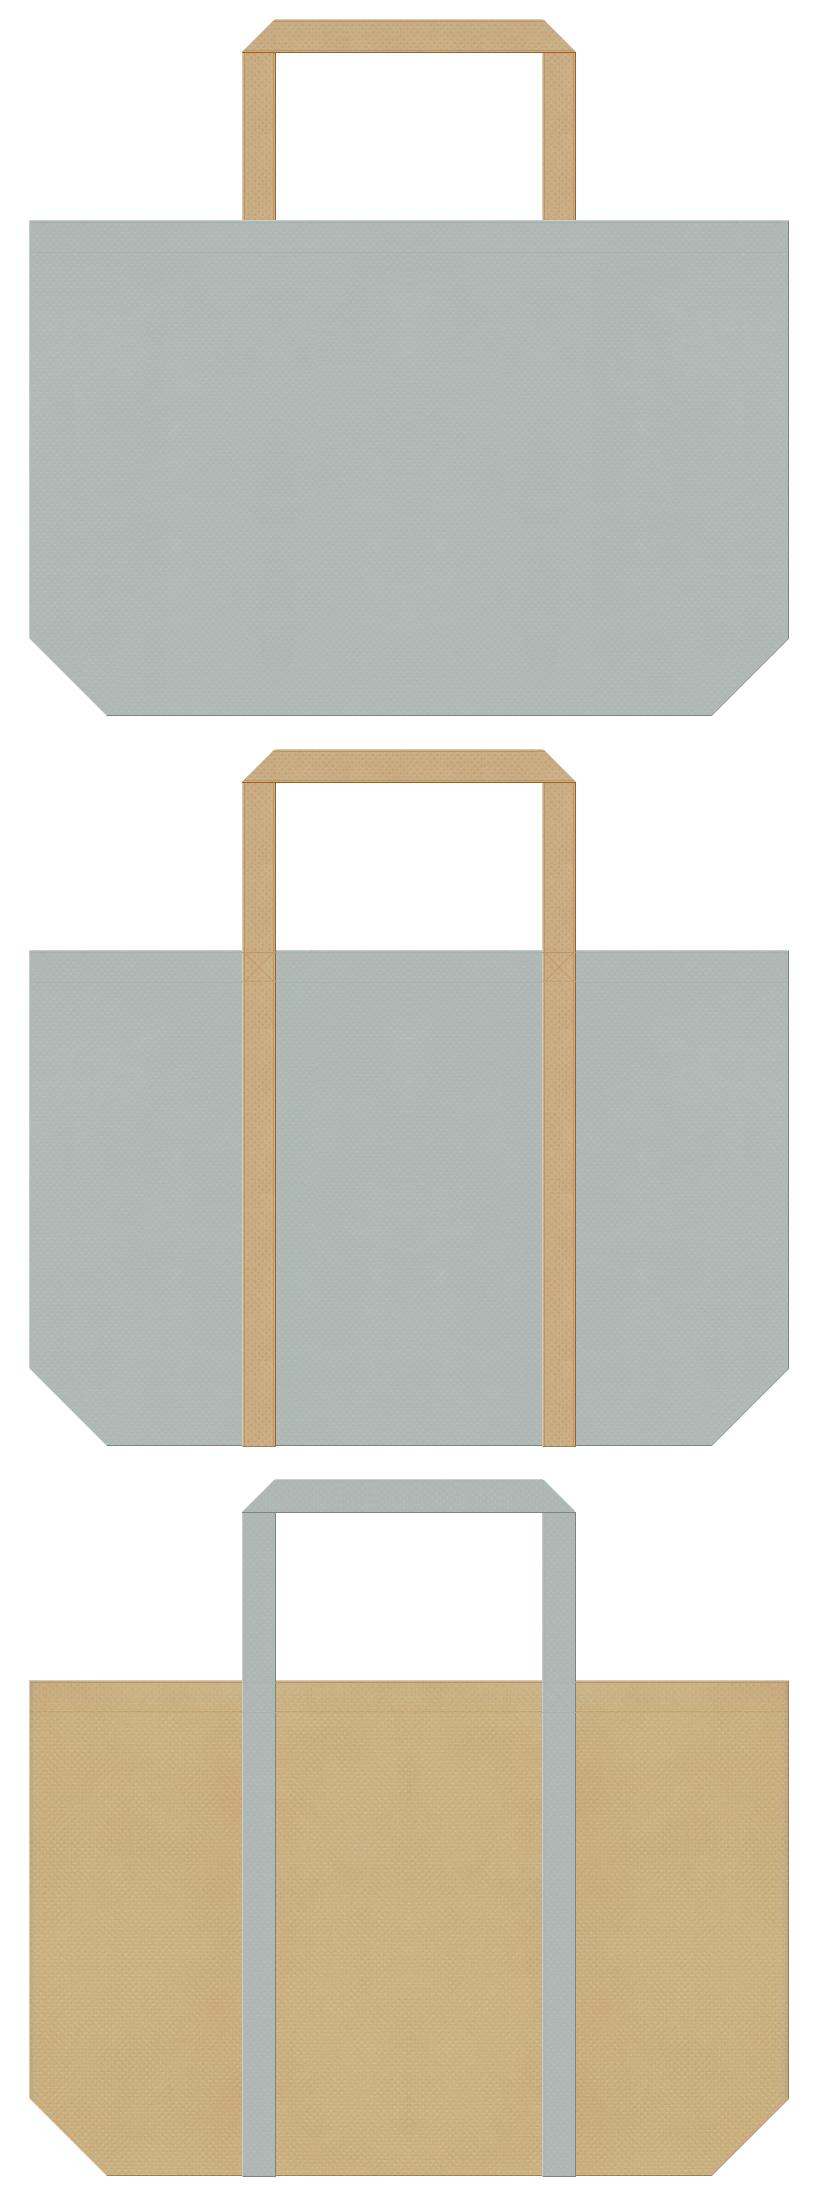 グレー色とカーキ色の不織布エコバッグのデザイン。